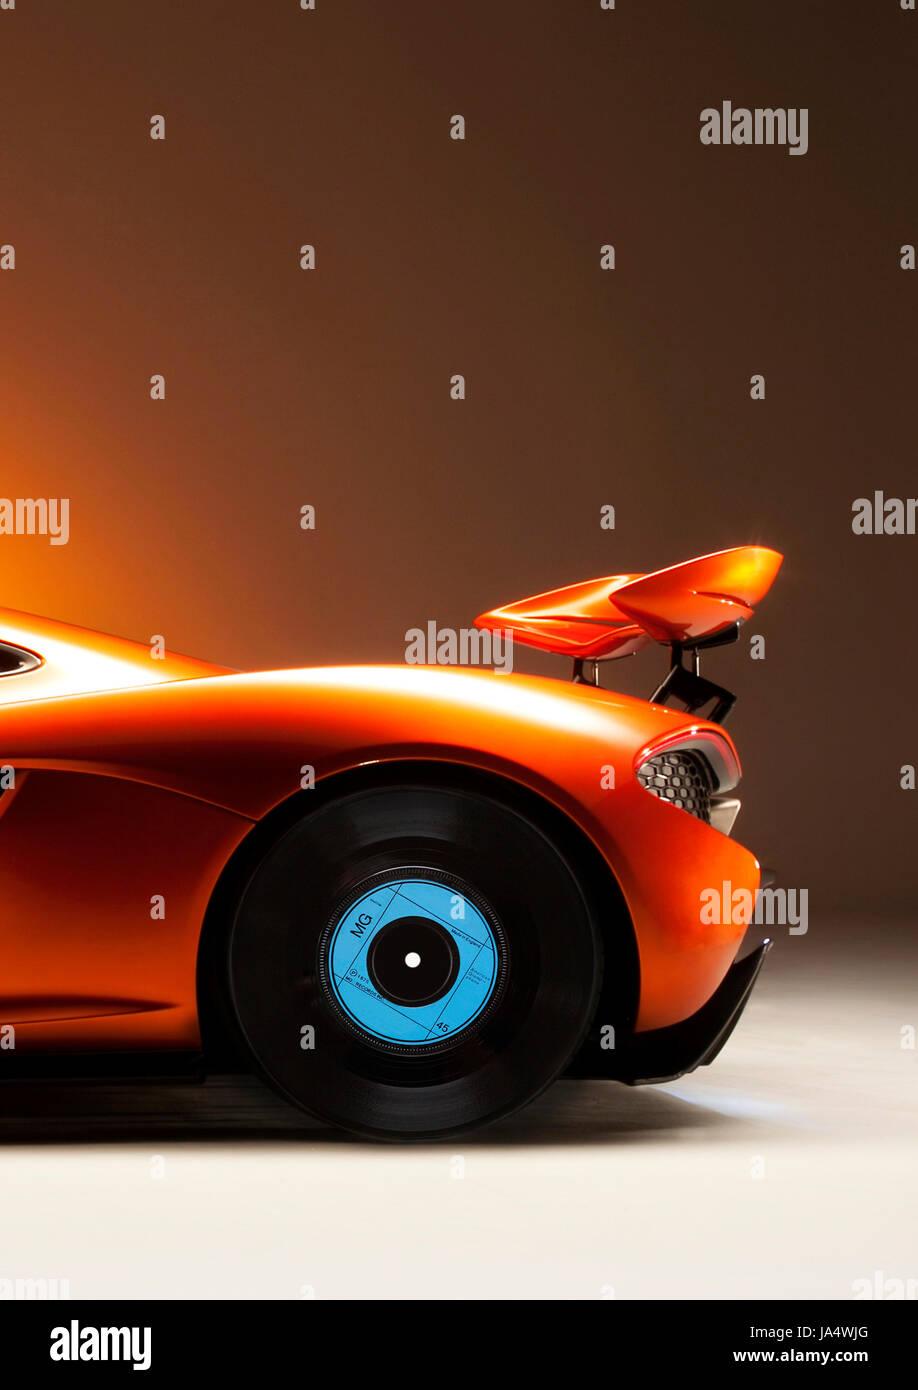 McLaren P1 Supercar with 45 vinyl record rear wheel. - Stock Image